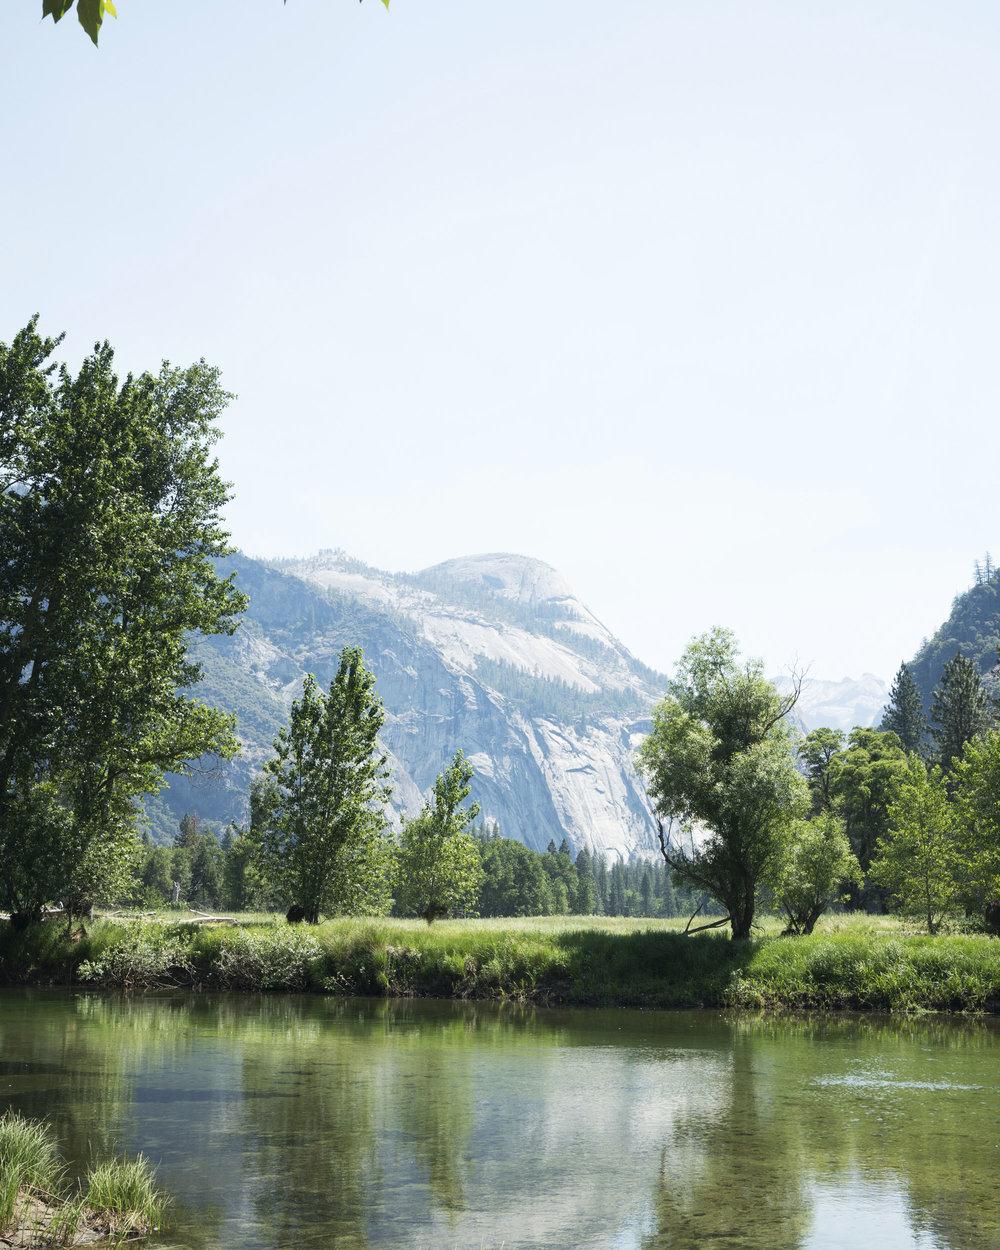 VWH_KVP_Yosemite_574.jpg